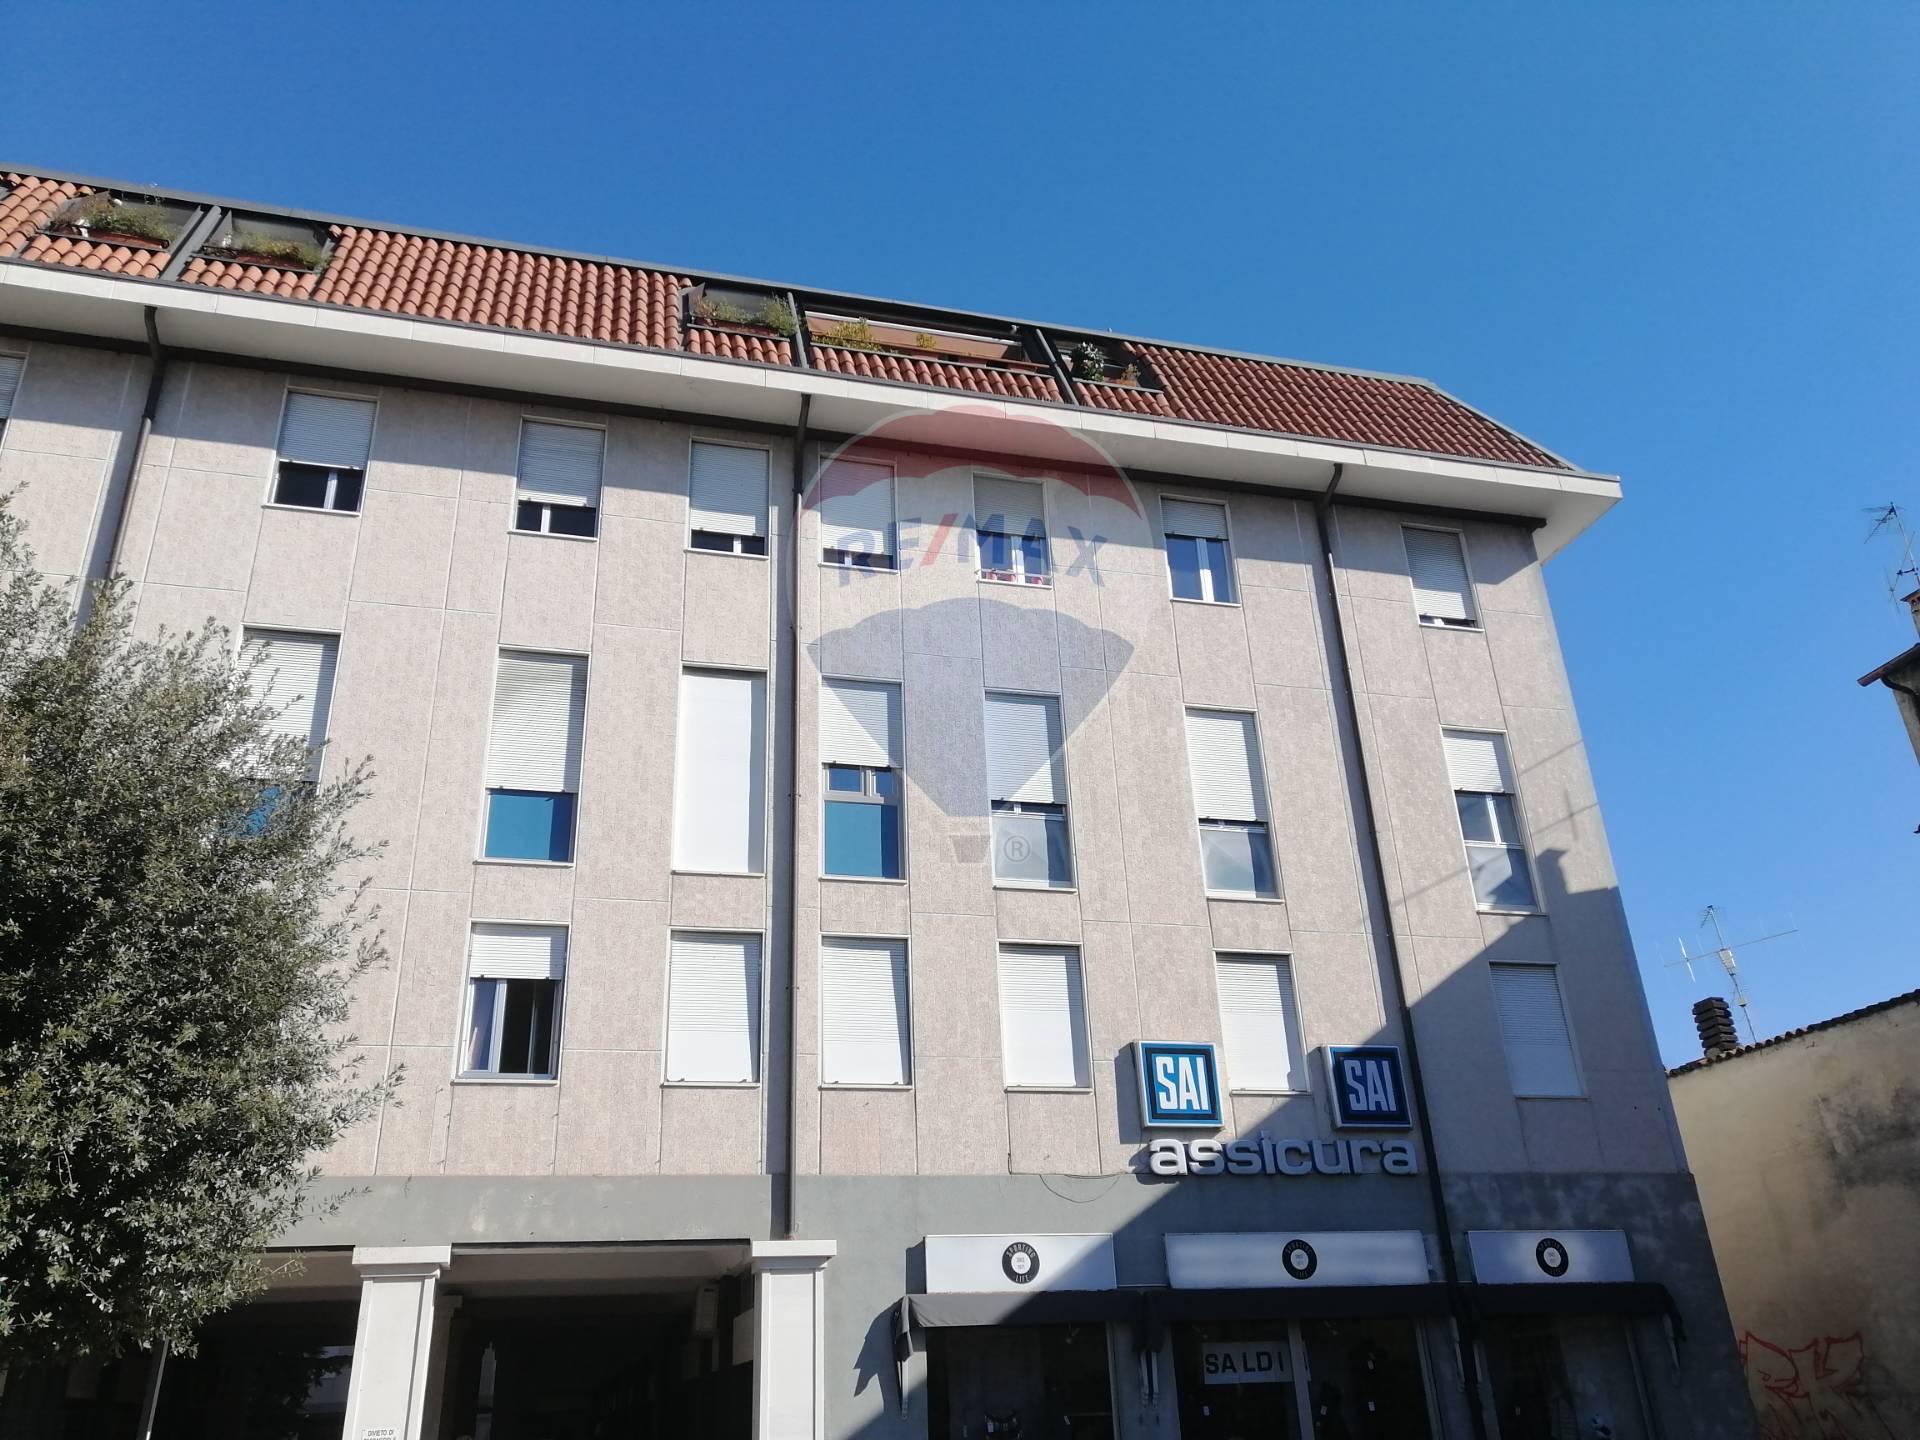 Ufficio / Studio in affitto a Salò, 9999 locali, prezzo € 1.700 | PortaleAgenzieImmobiliari.it